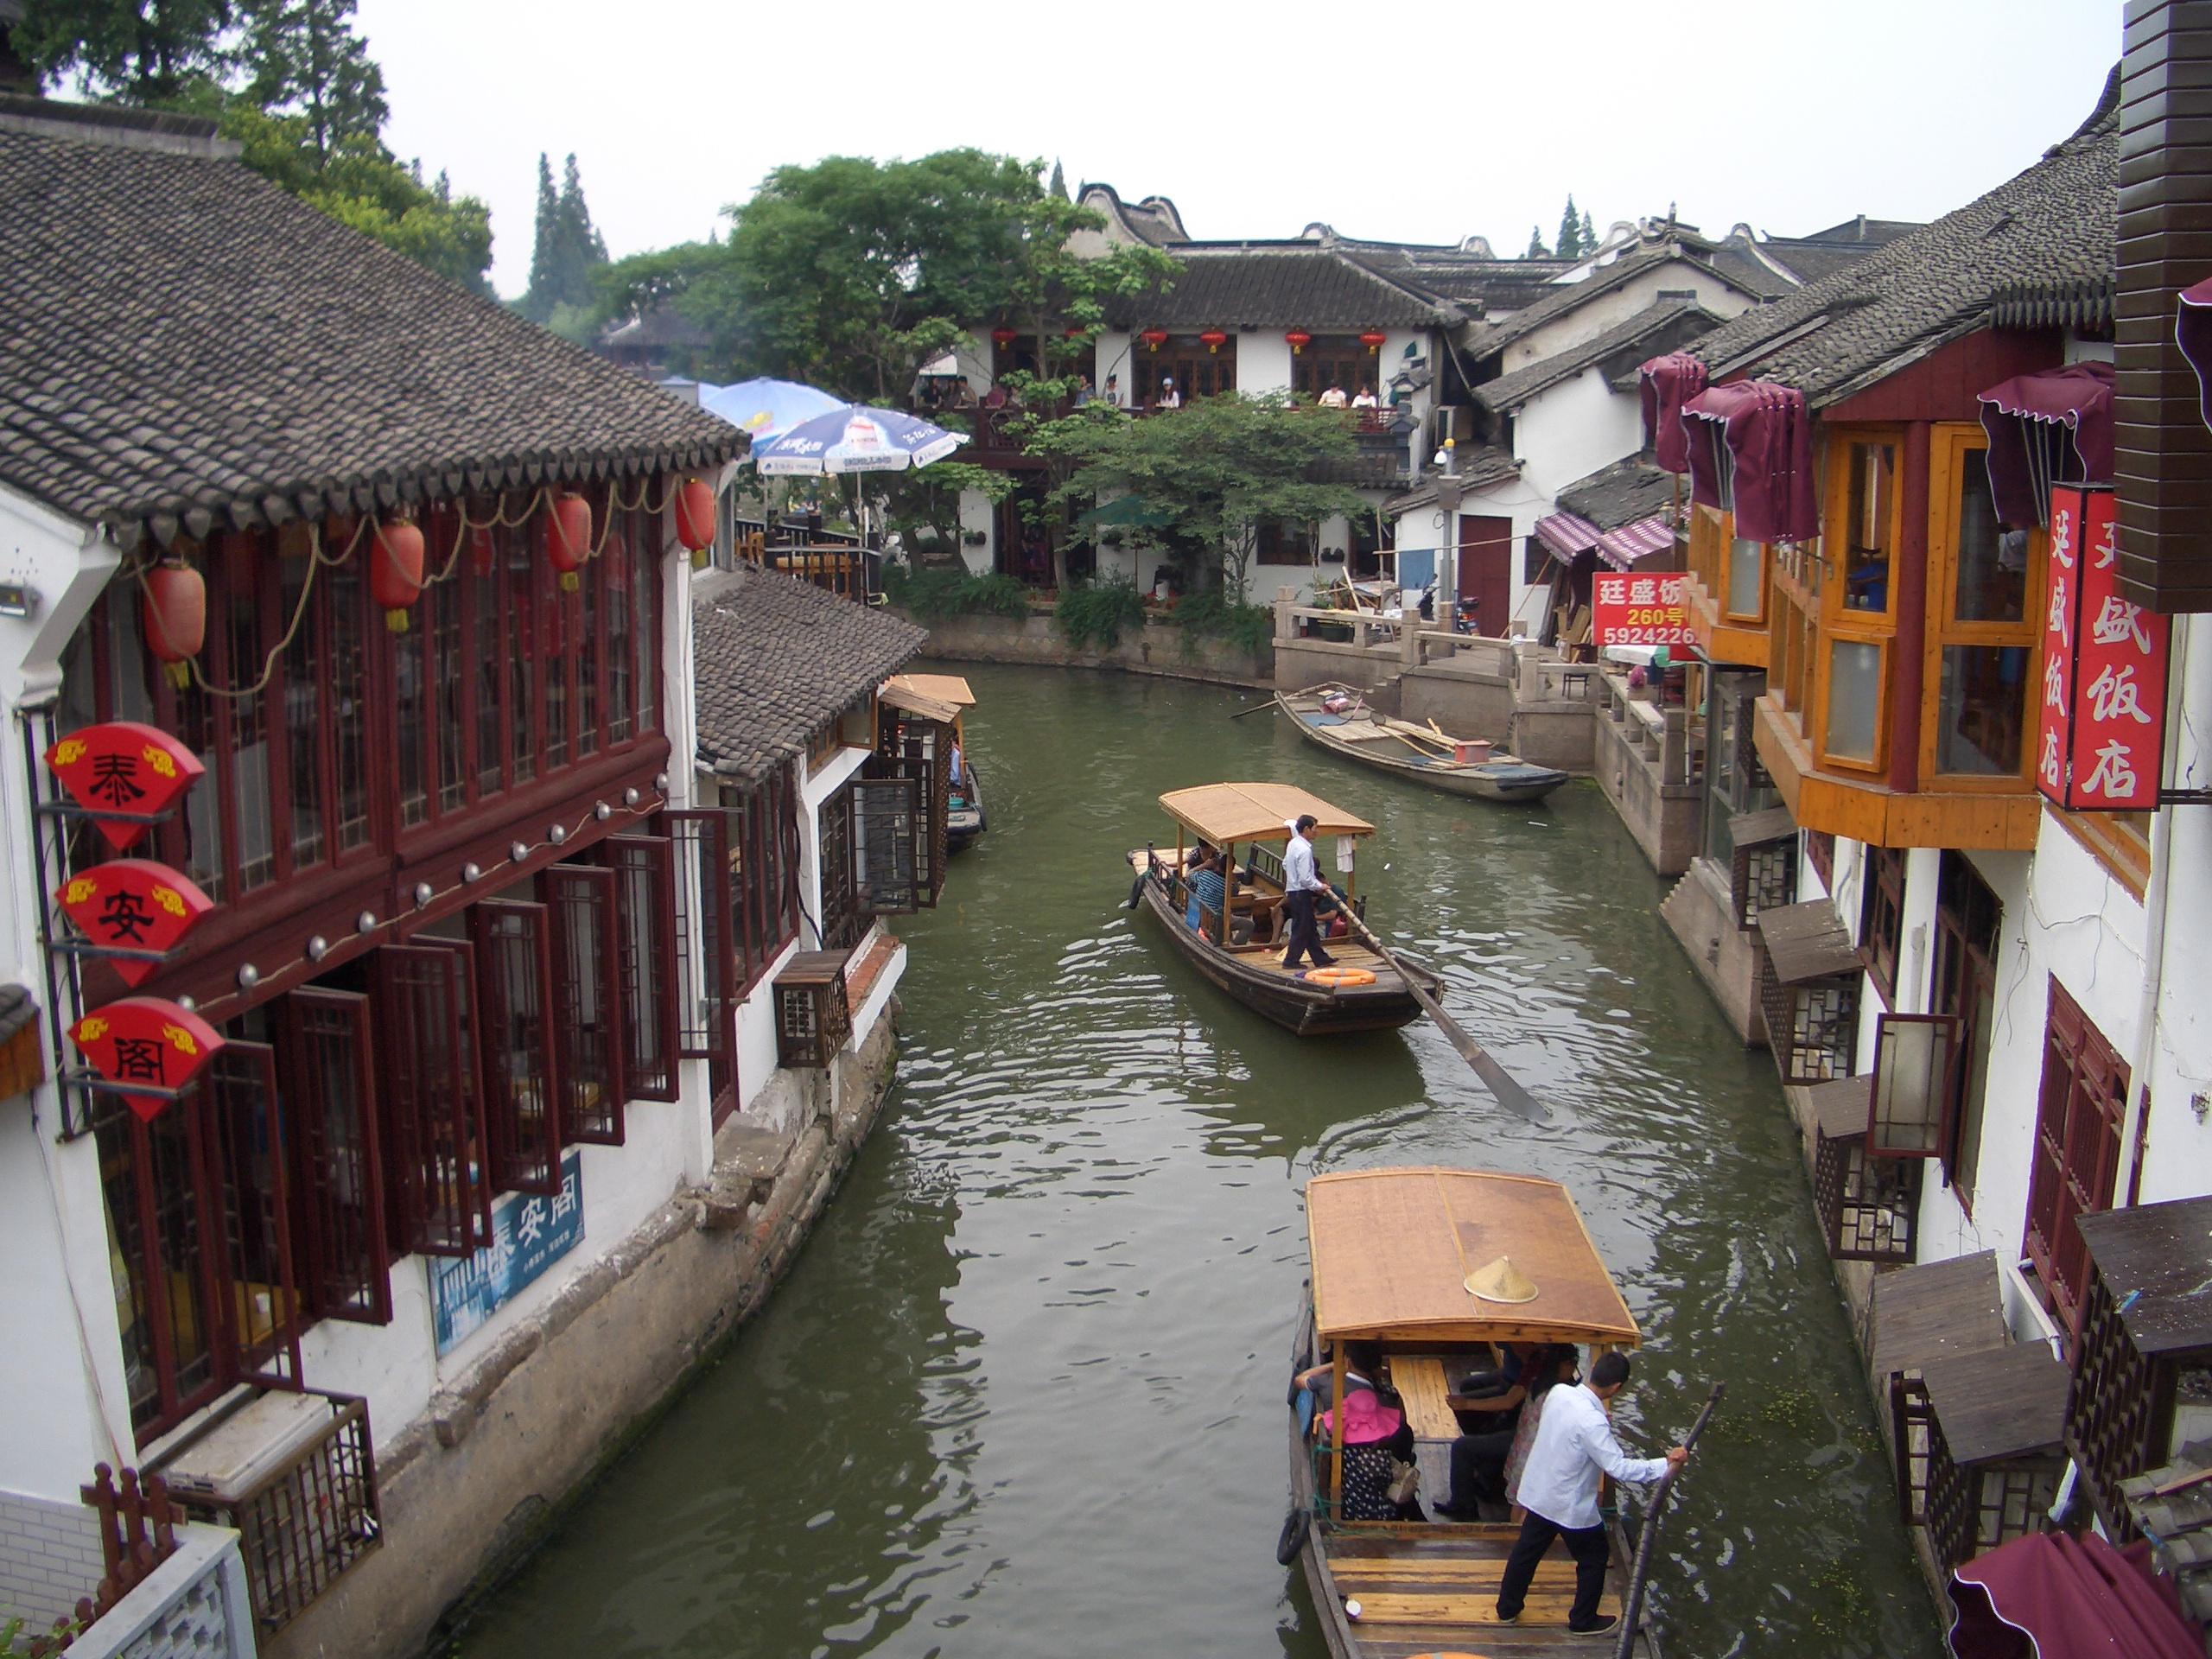 上海周边一日游 - 上海游记攻略【携程攻略】